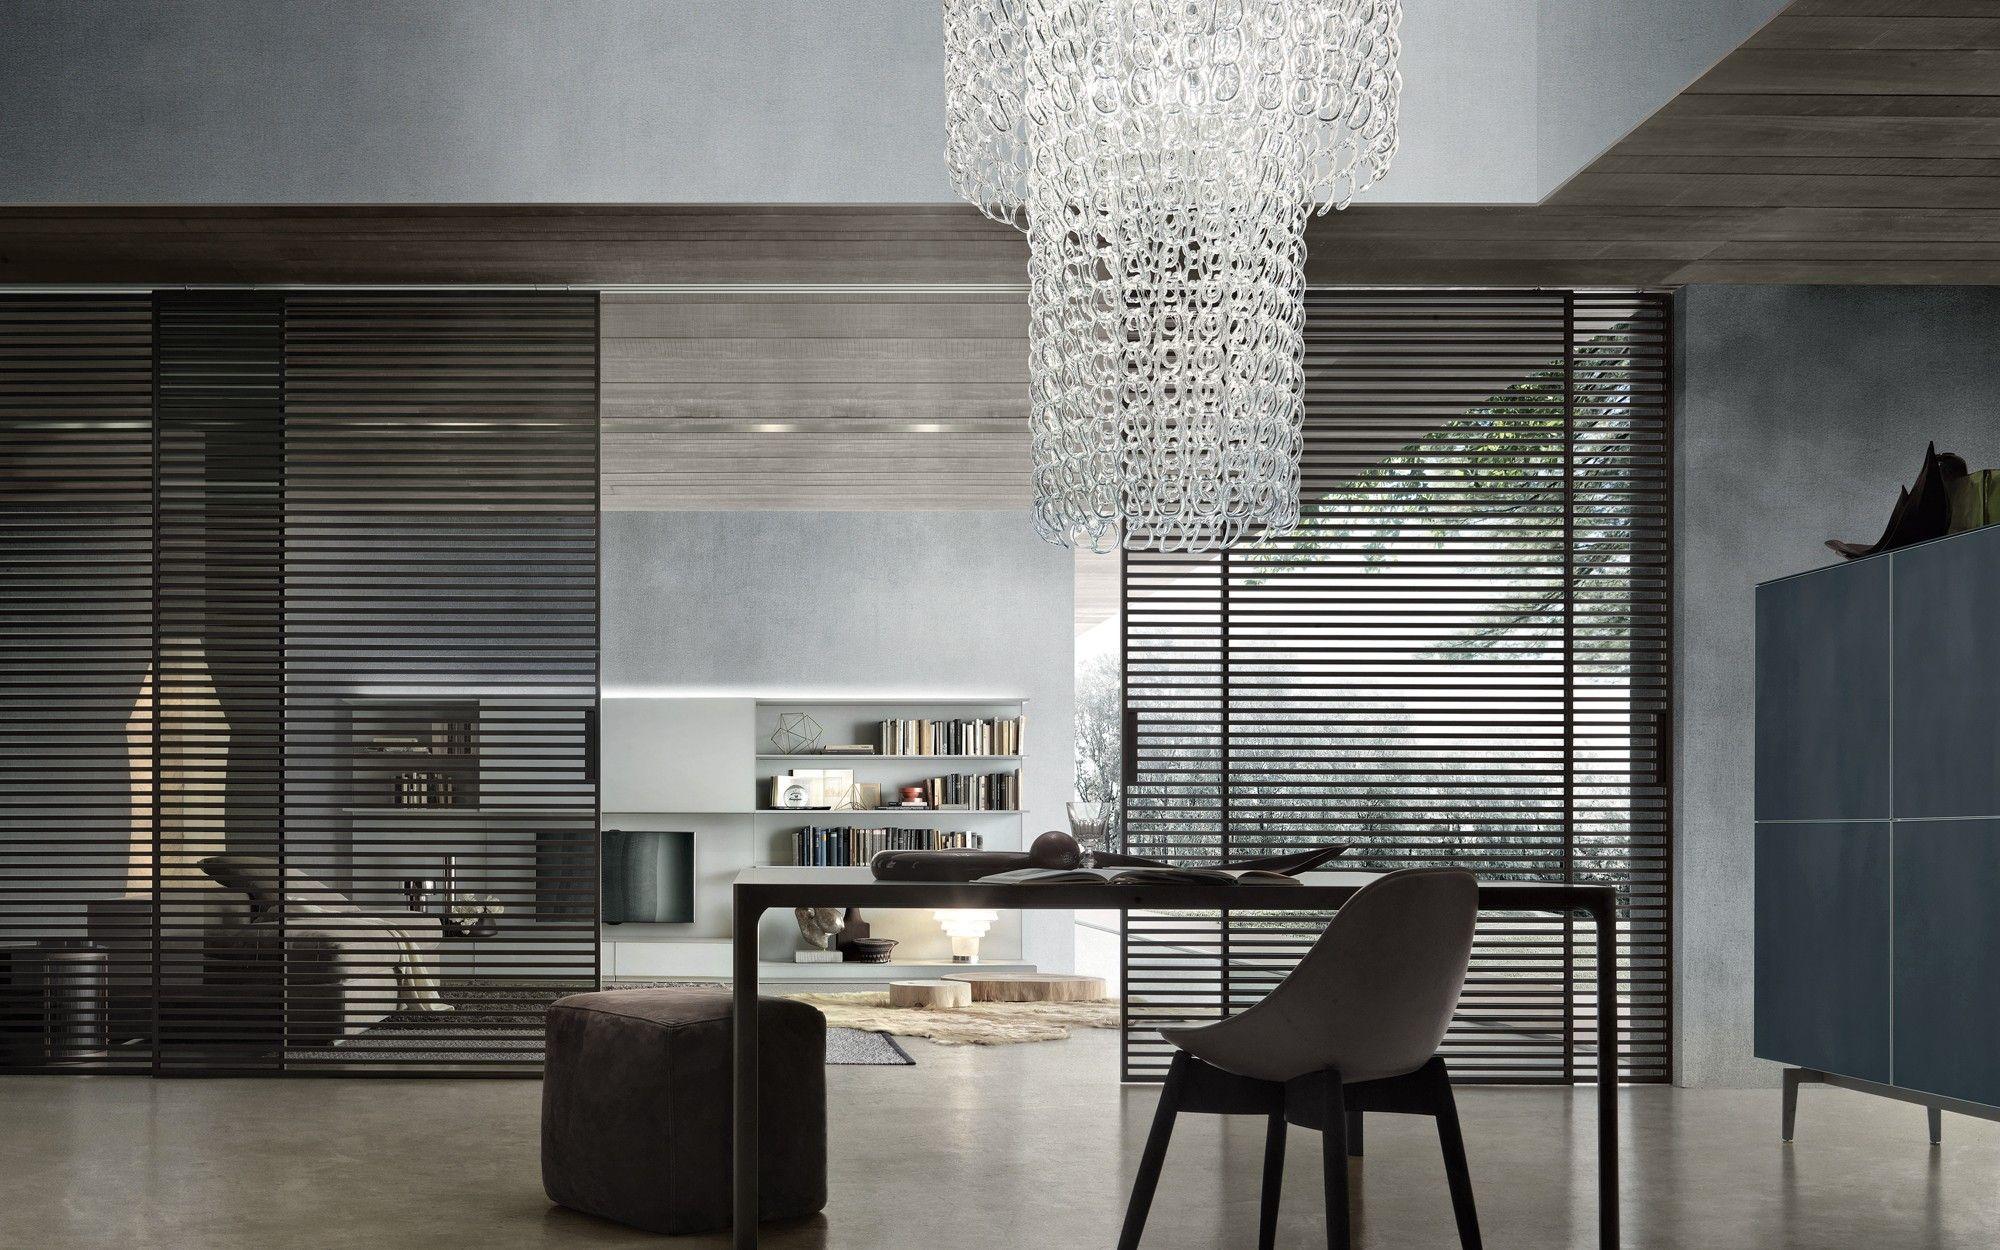 European Design and Interior Architecture Exclusive